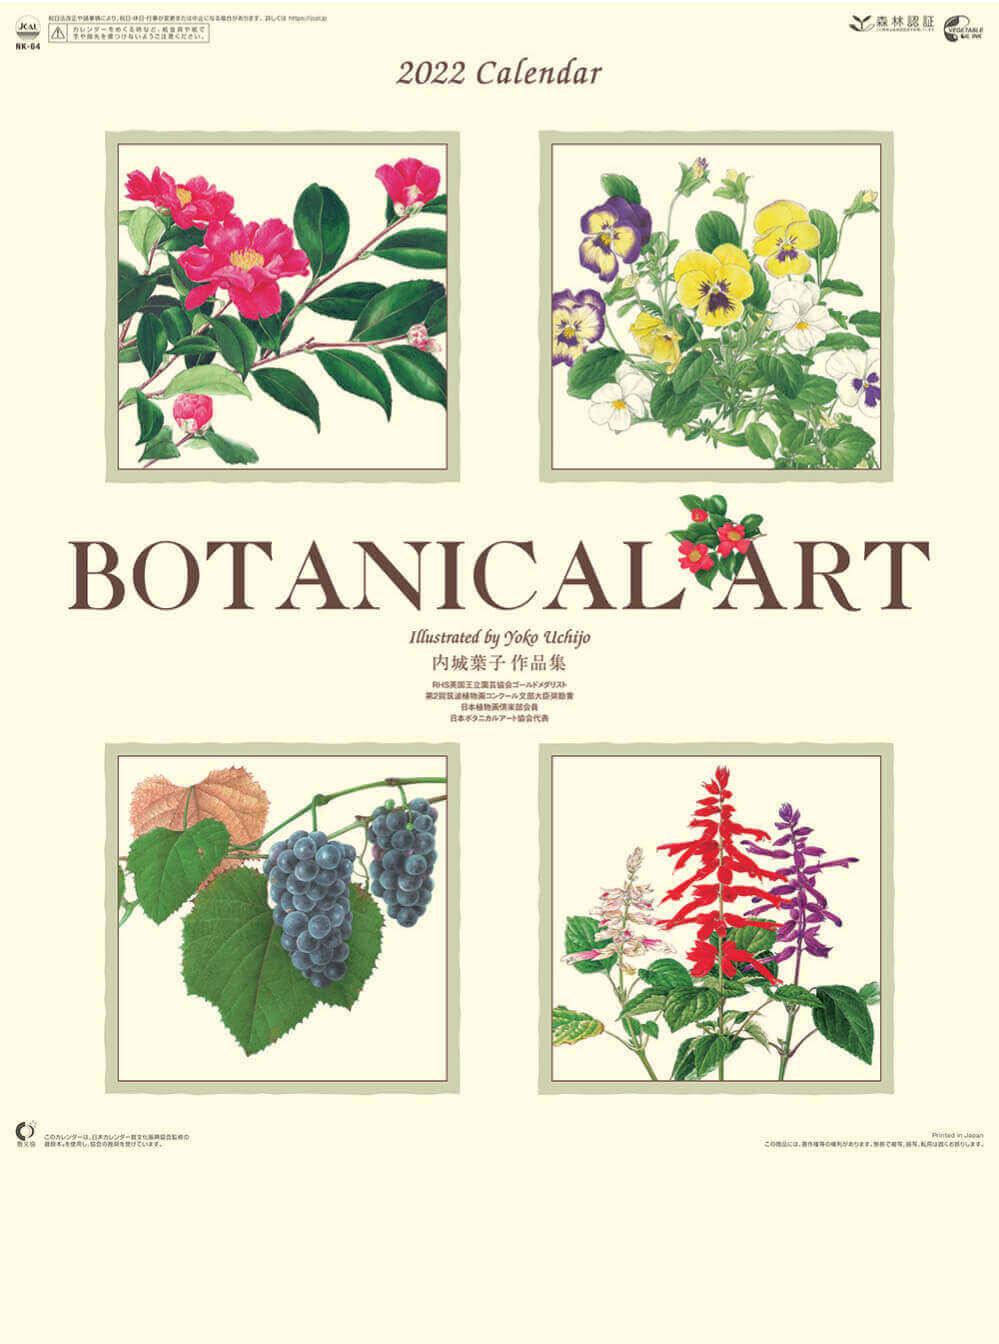 ボタニカルアート 2022年カレンダーの画像